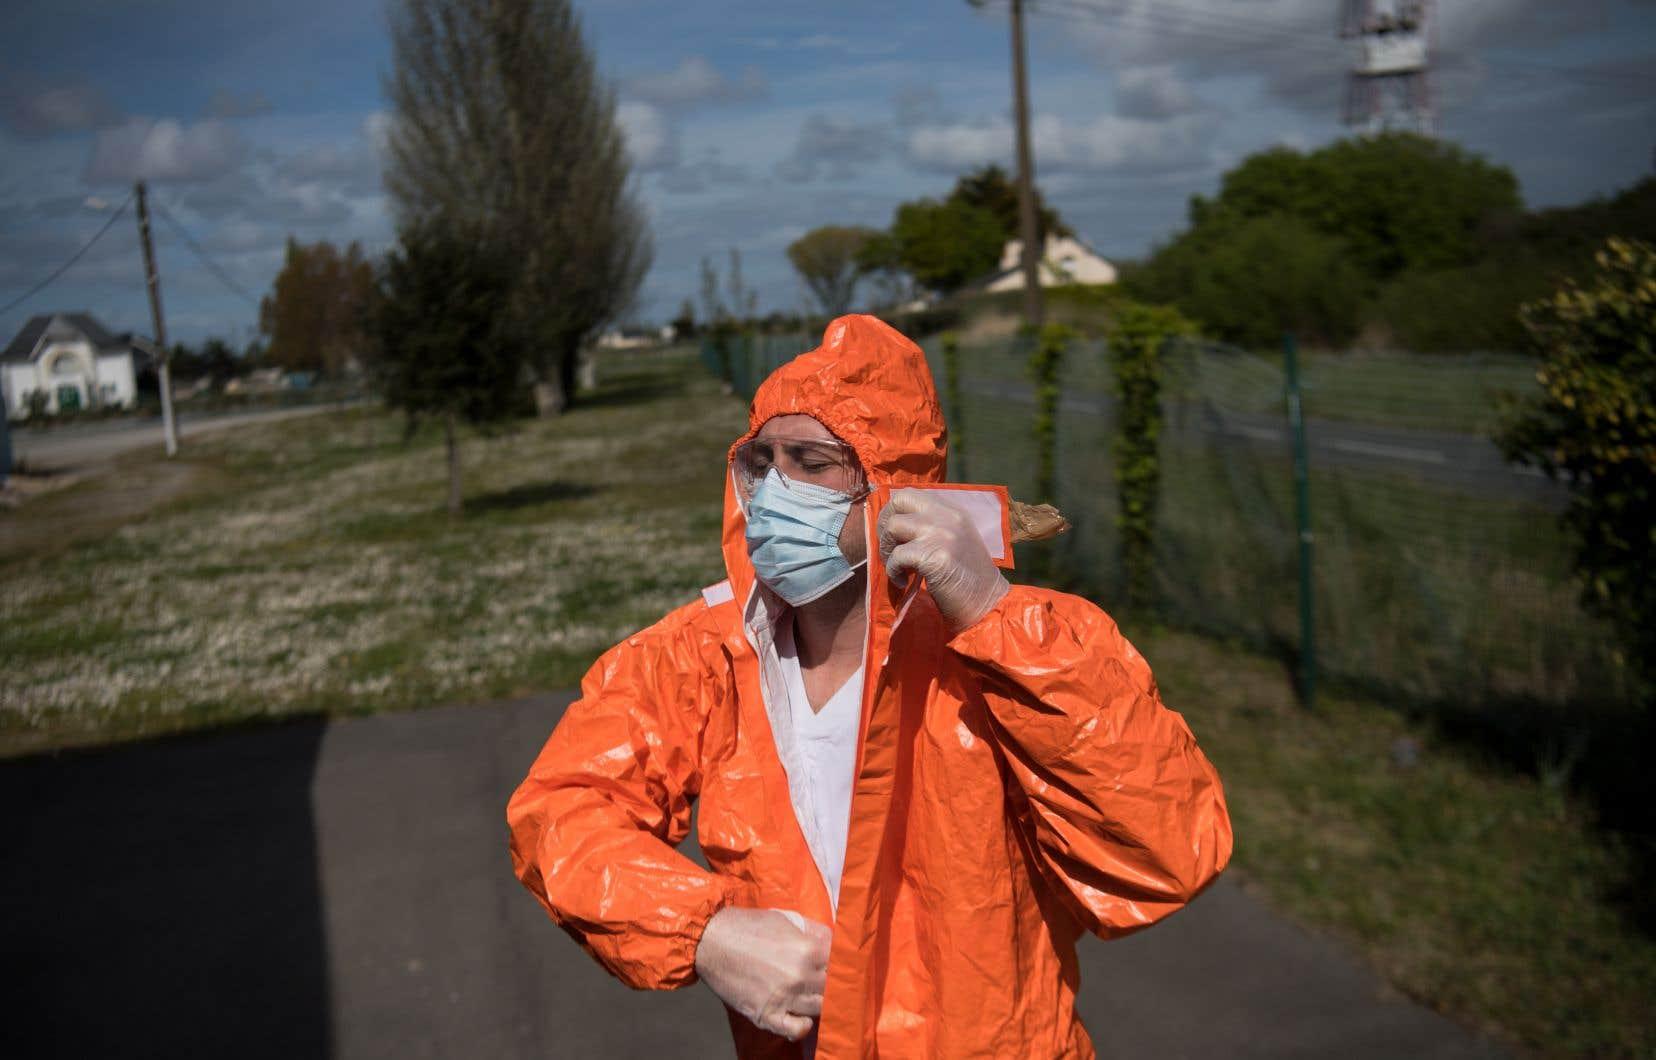 Un travailleur de la santé retirant son équipement de sécurité à Trignac, dans l'ouest de la France, lundi. L'Académie nationale de médecine préconise désormais la généralisation du port du masque au pays.